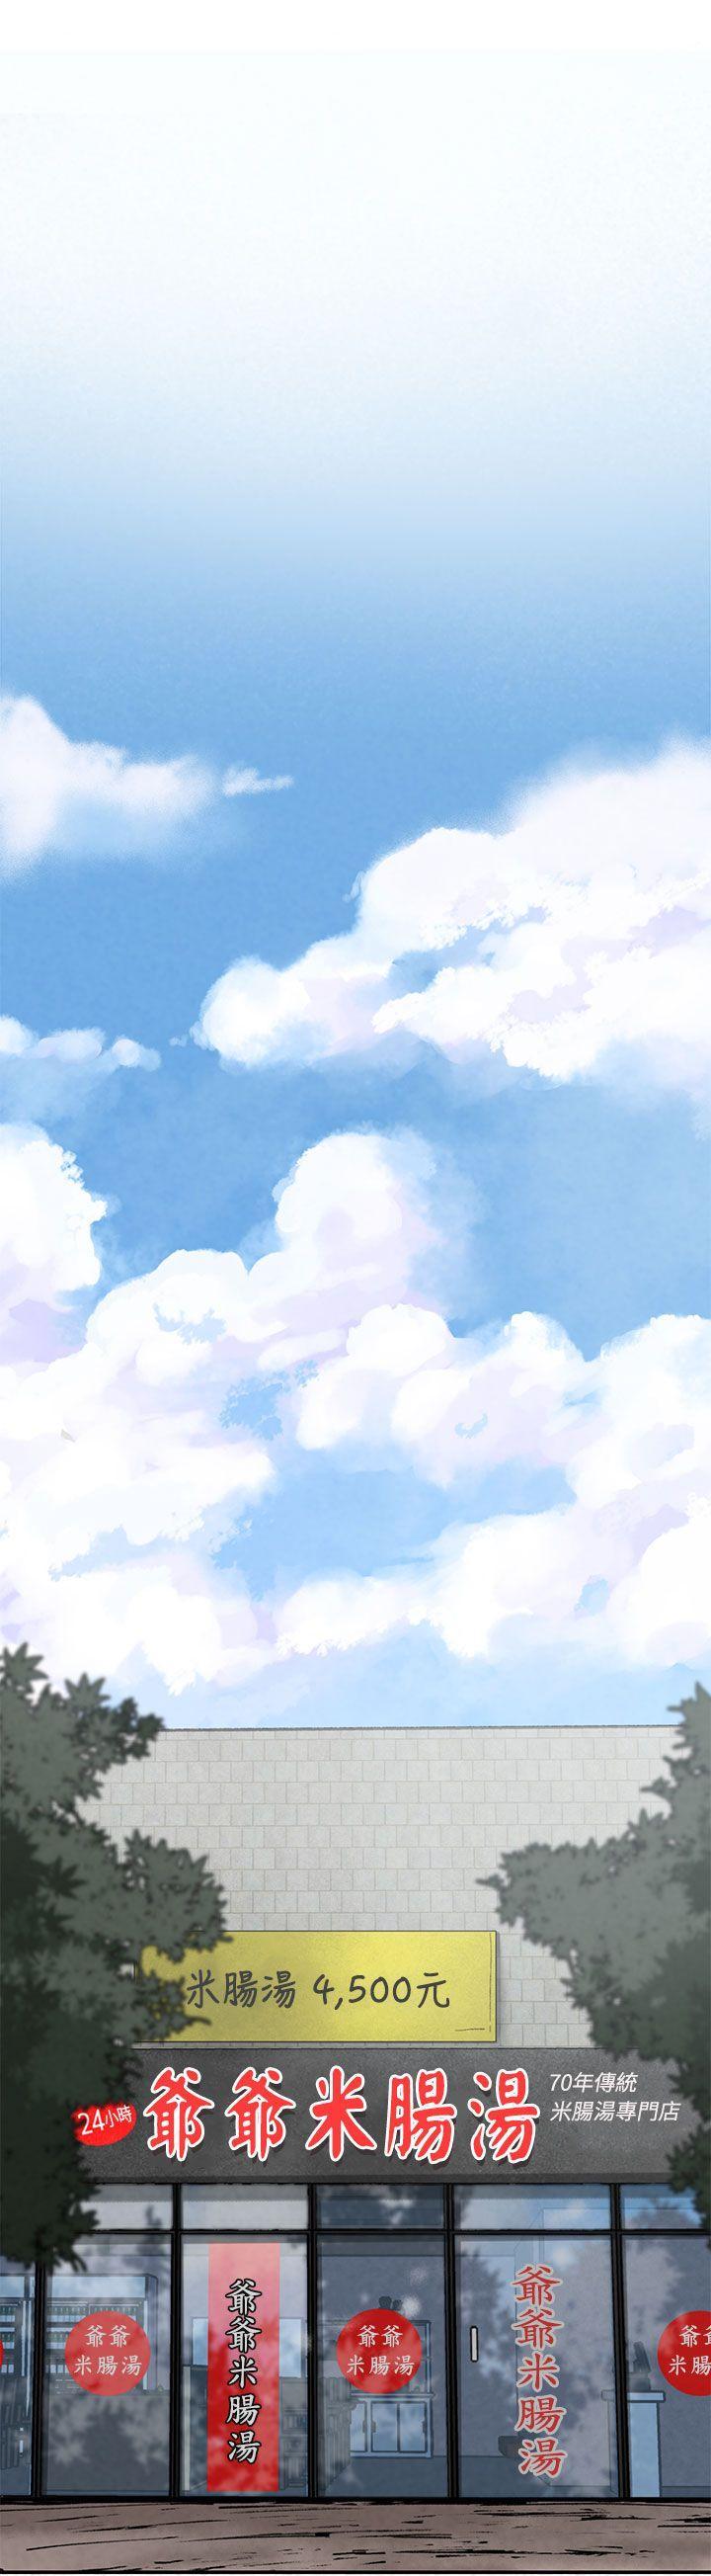 女神狩猎 第1~3話 [Chinese]中文 Harc 59